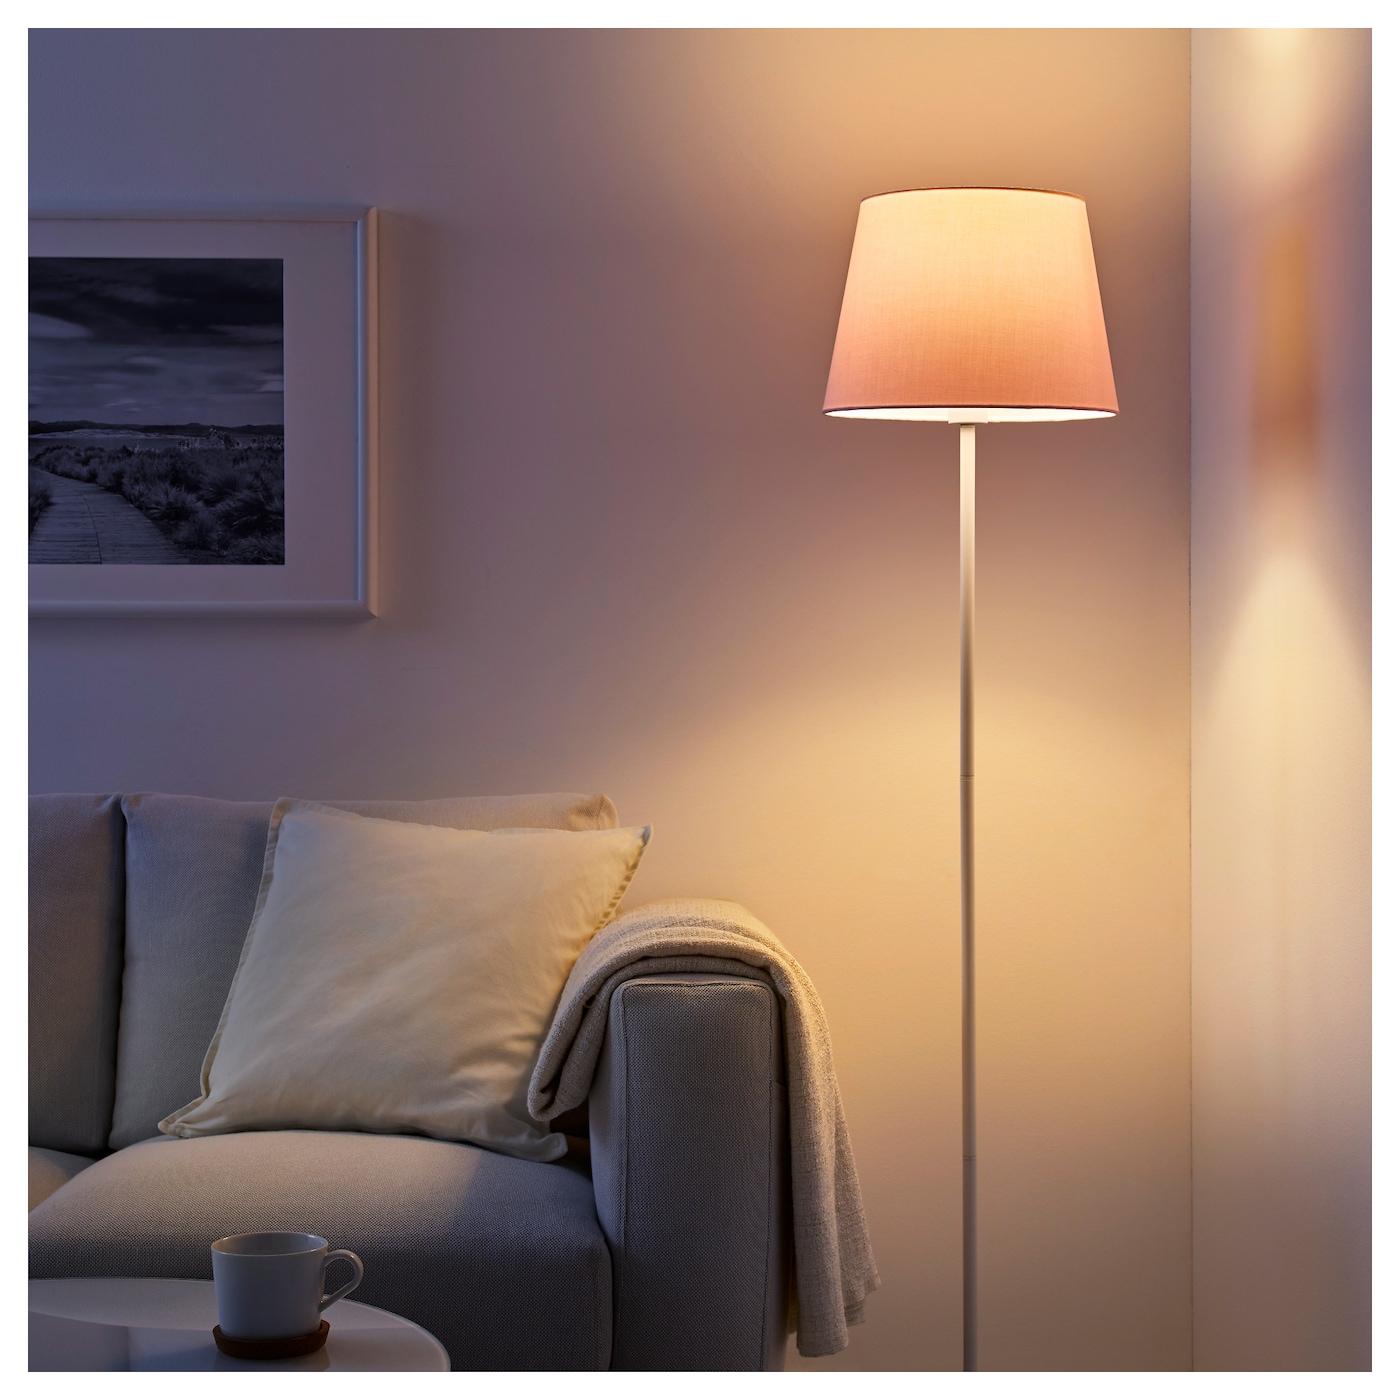 j ra abat jour rose 33 cm ikea. Black Bedroom Furniture Sets. Home Design Ideas